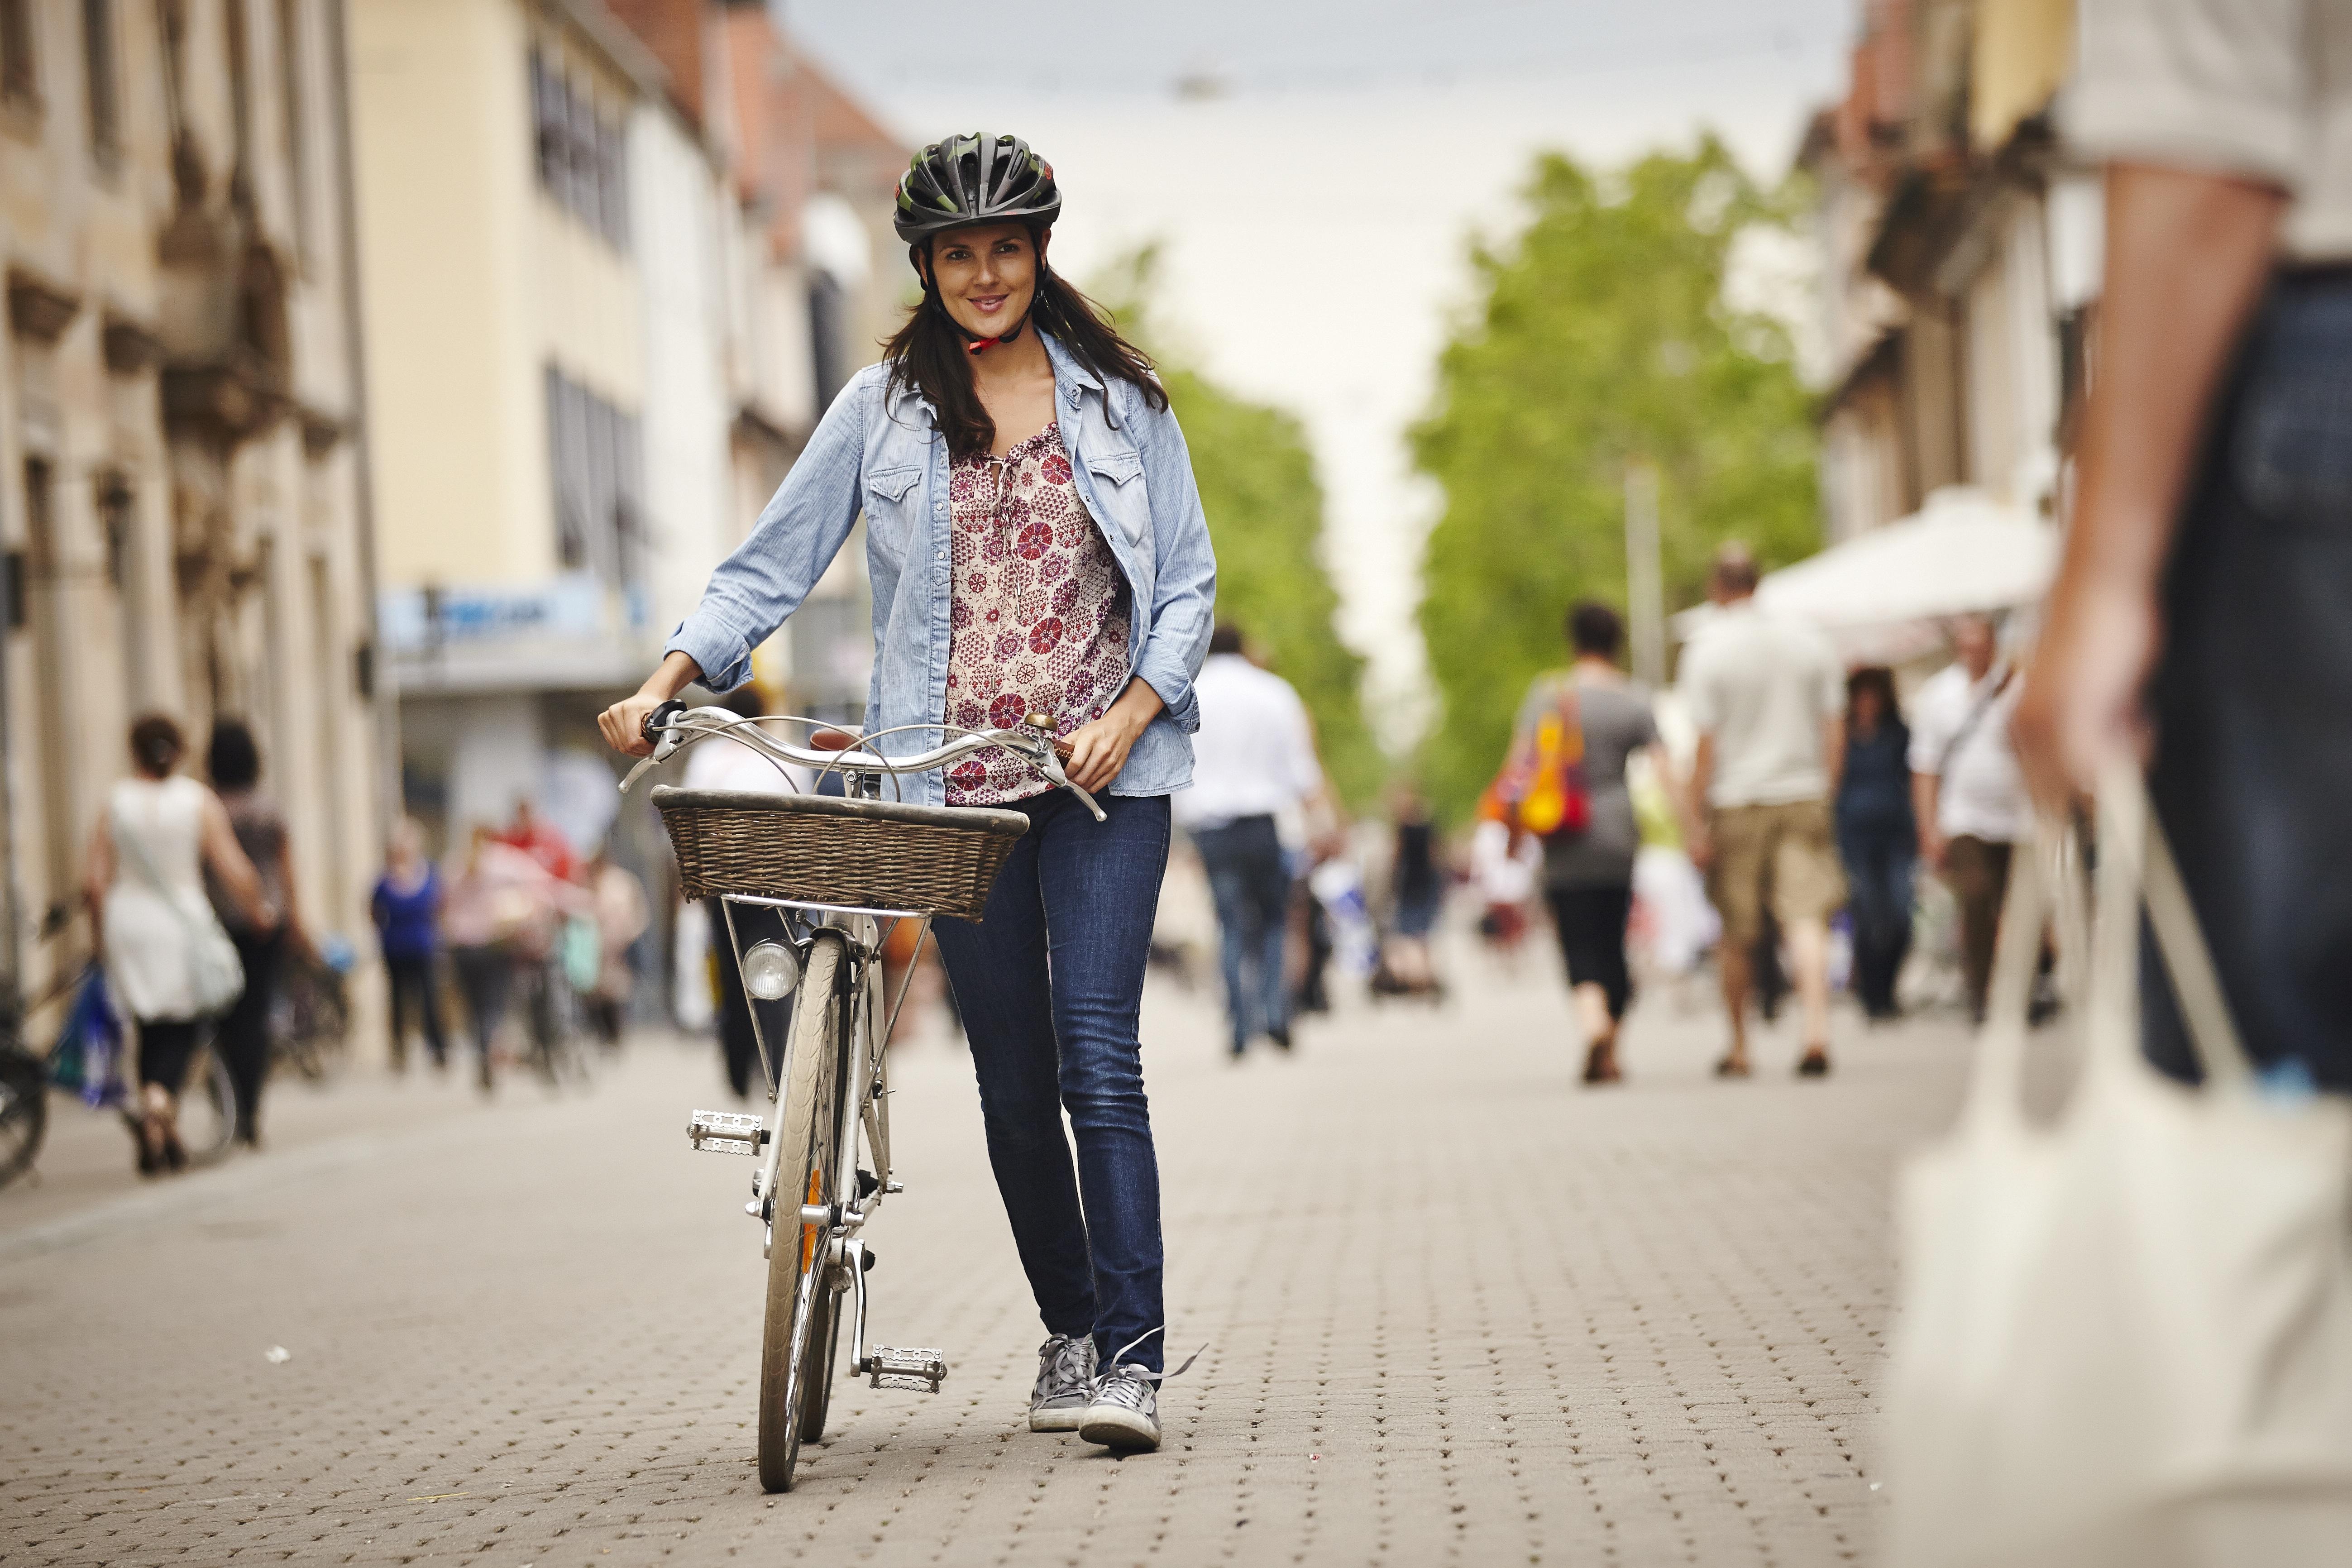 Radfahrerin der Fußgängerzone.